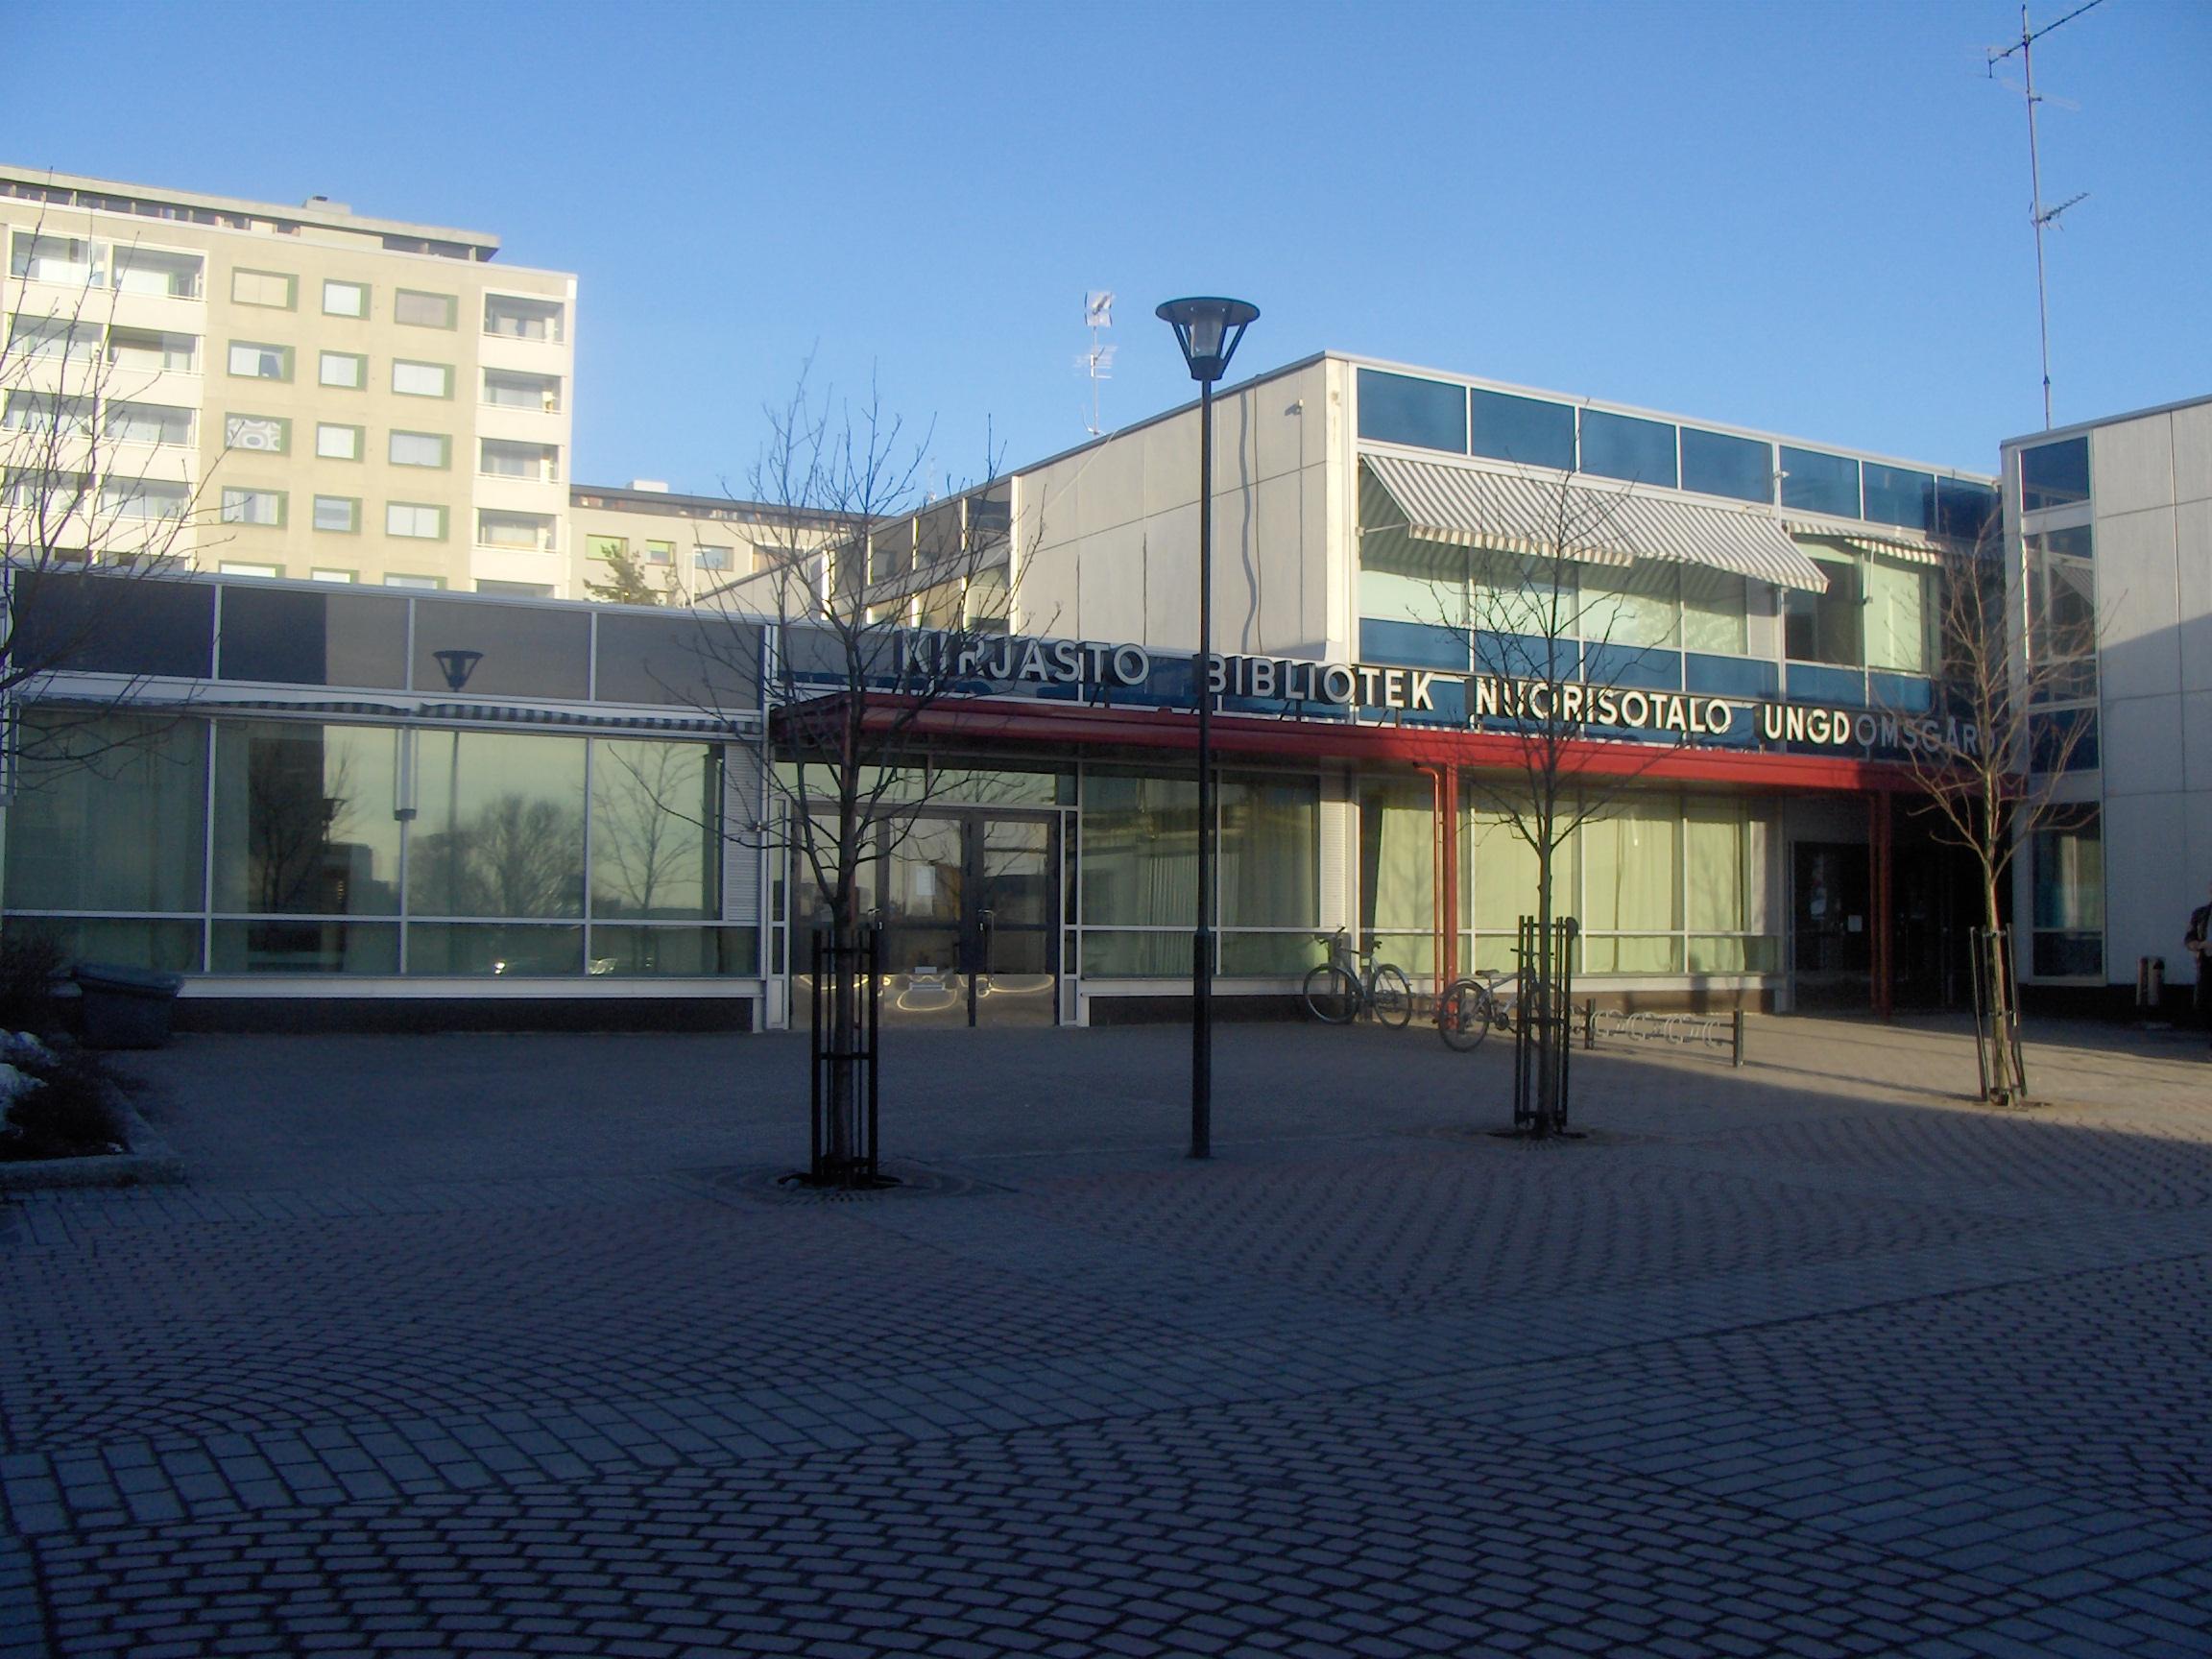 Helsinki Kirjasto